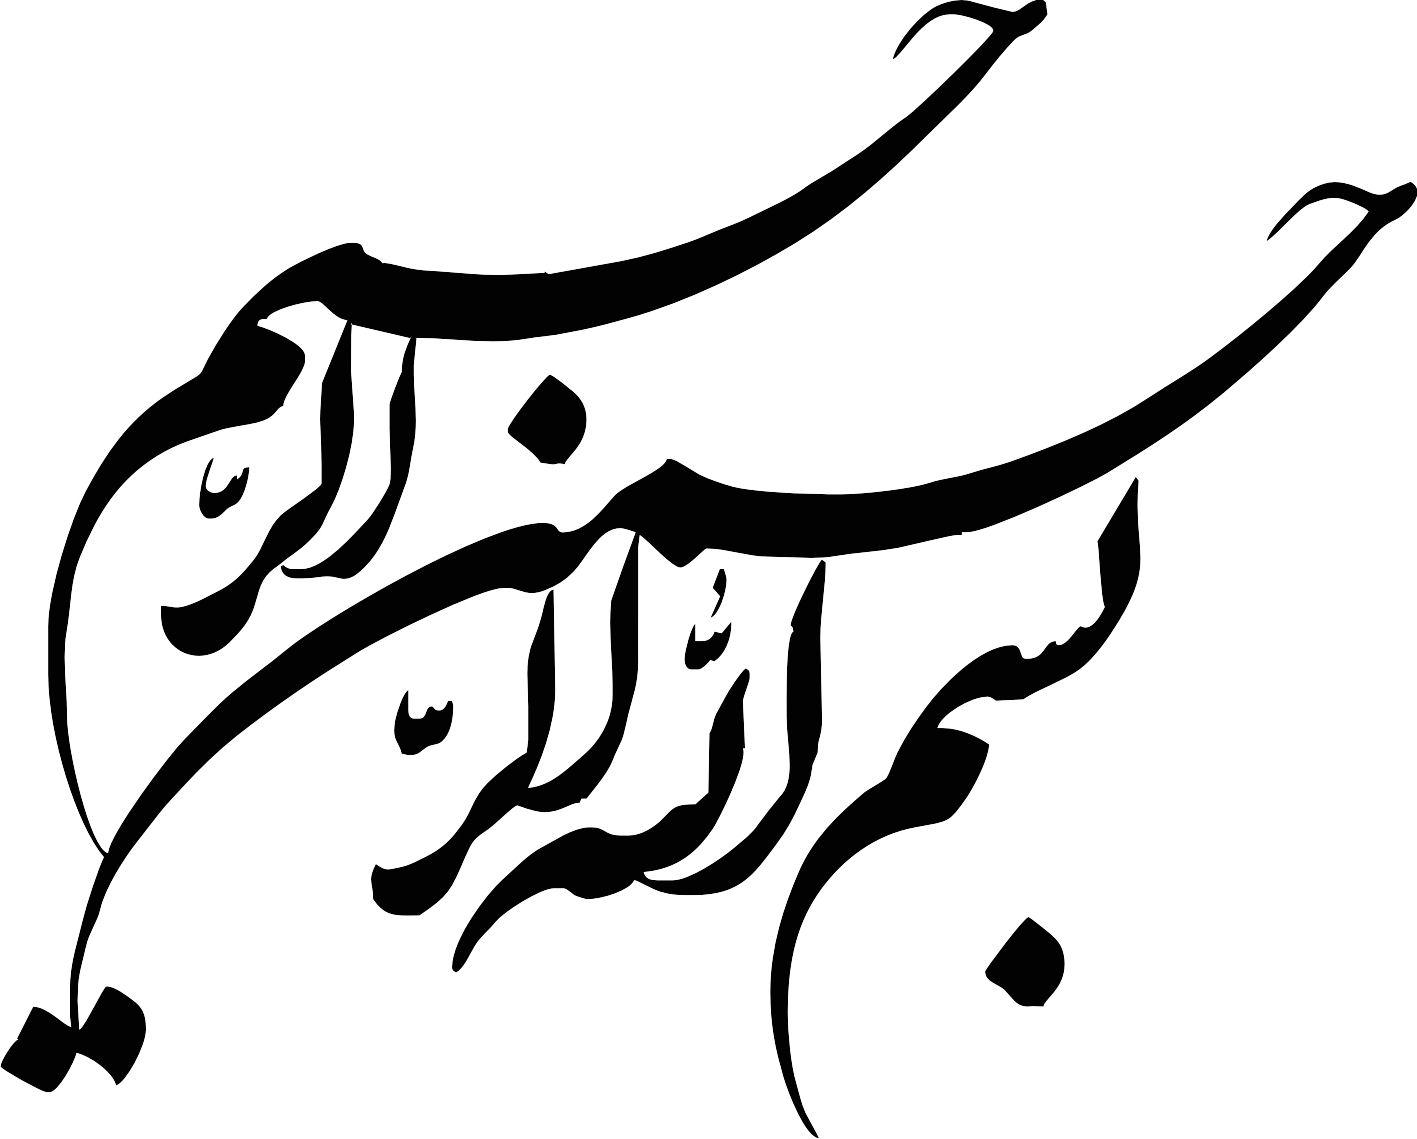 09 - طرح های  بسم الله الرحمن الرحیم برای مقاله و پایان نامه